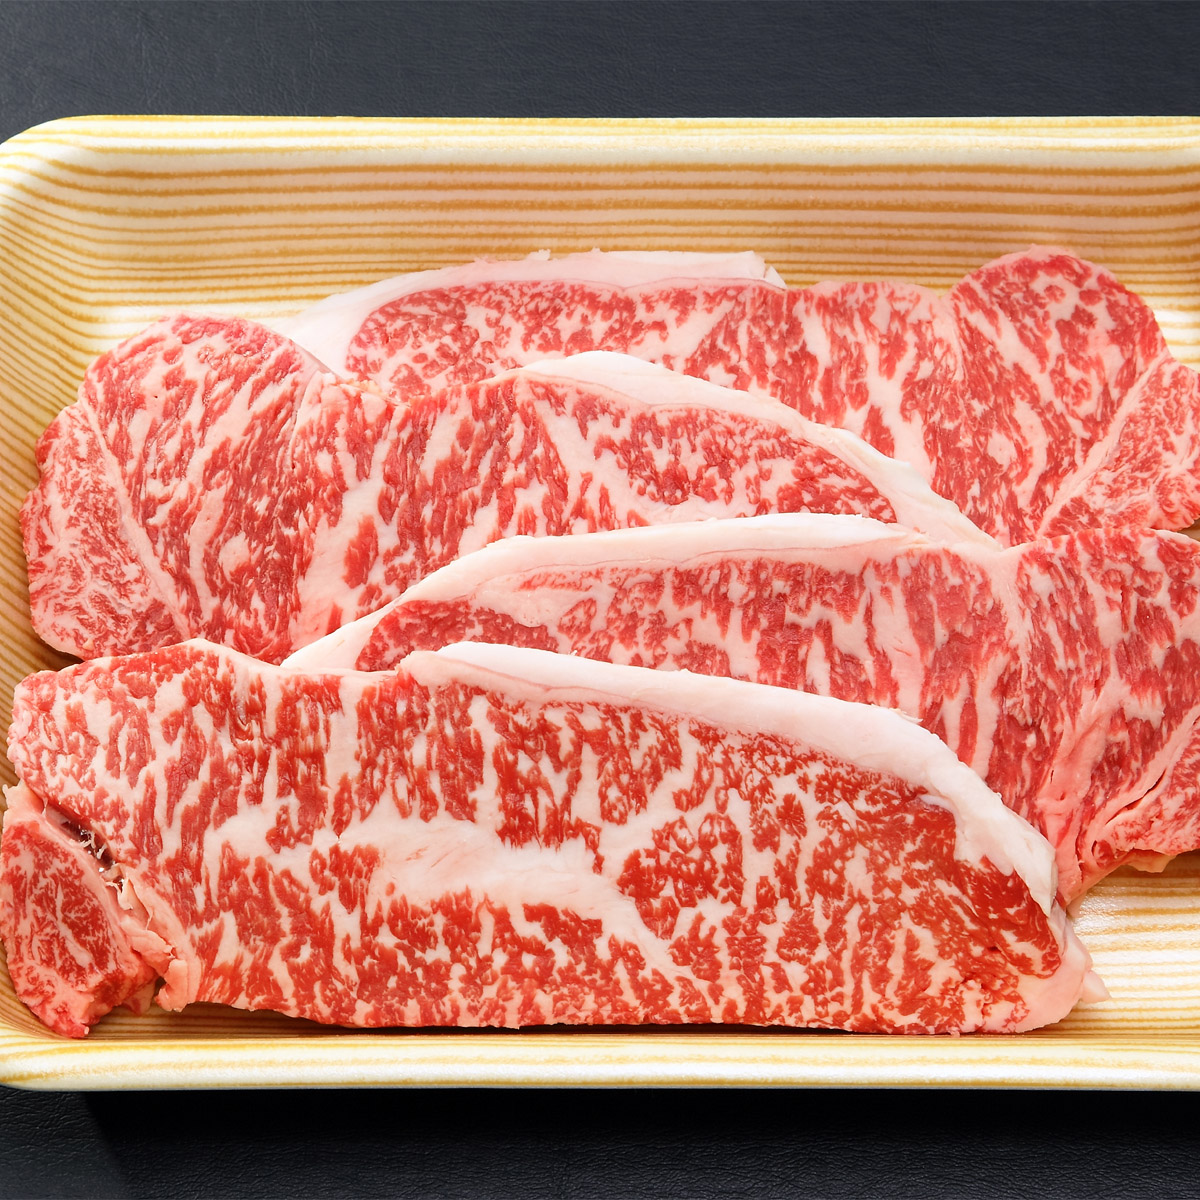 【ふるさと納税】日光高原牛サーロインステーキ200g×4枚入